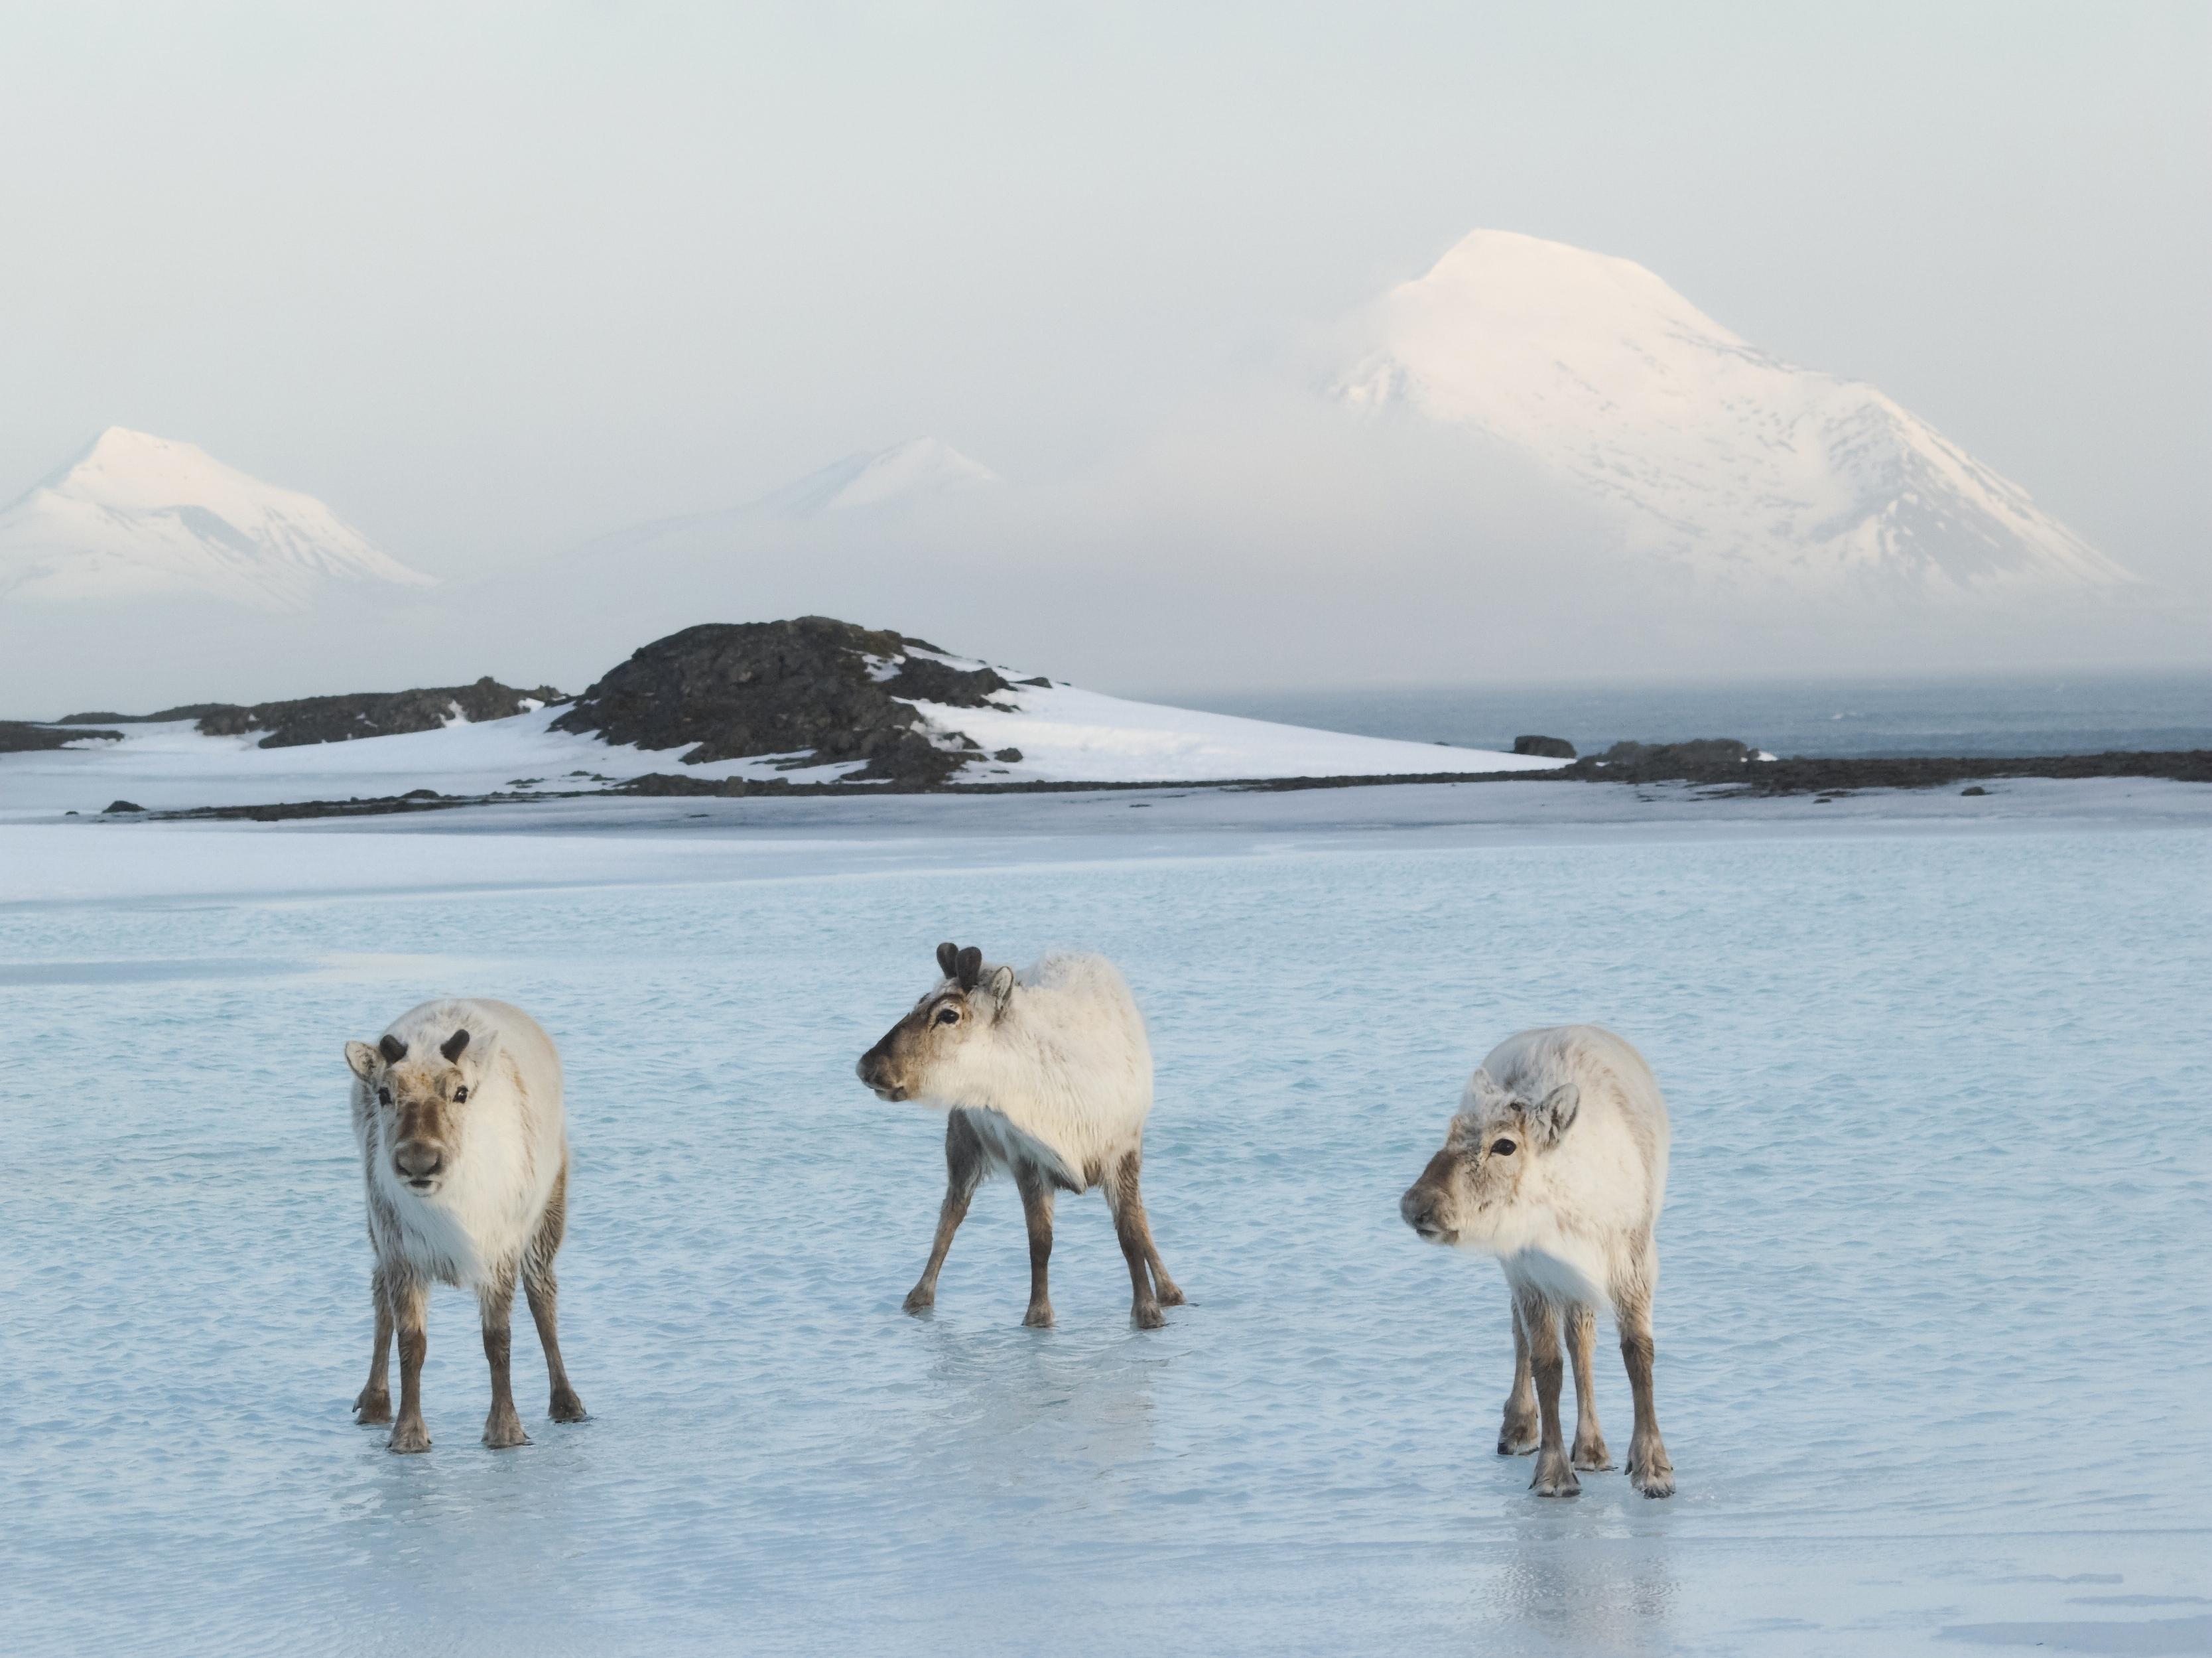 Arctic Animals - wild reindeer